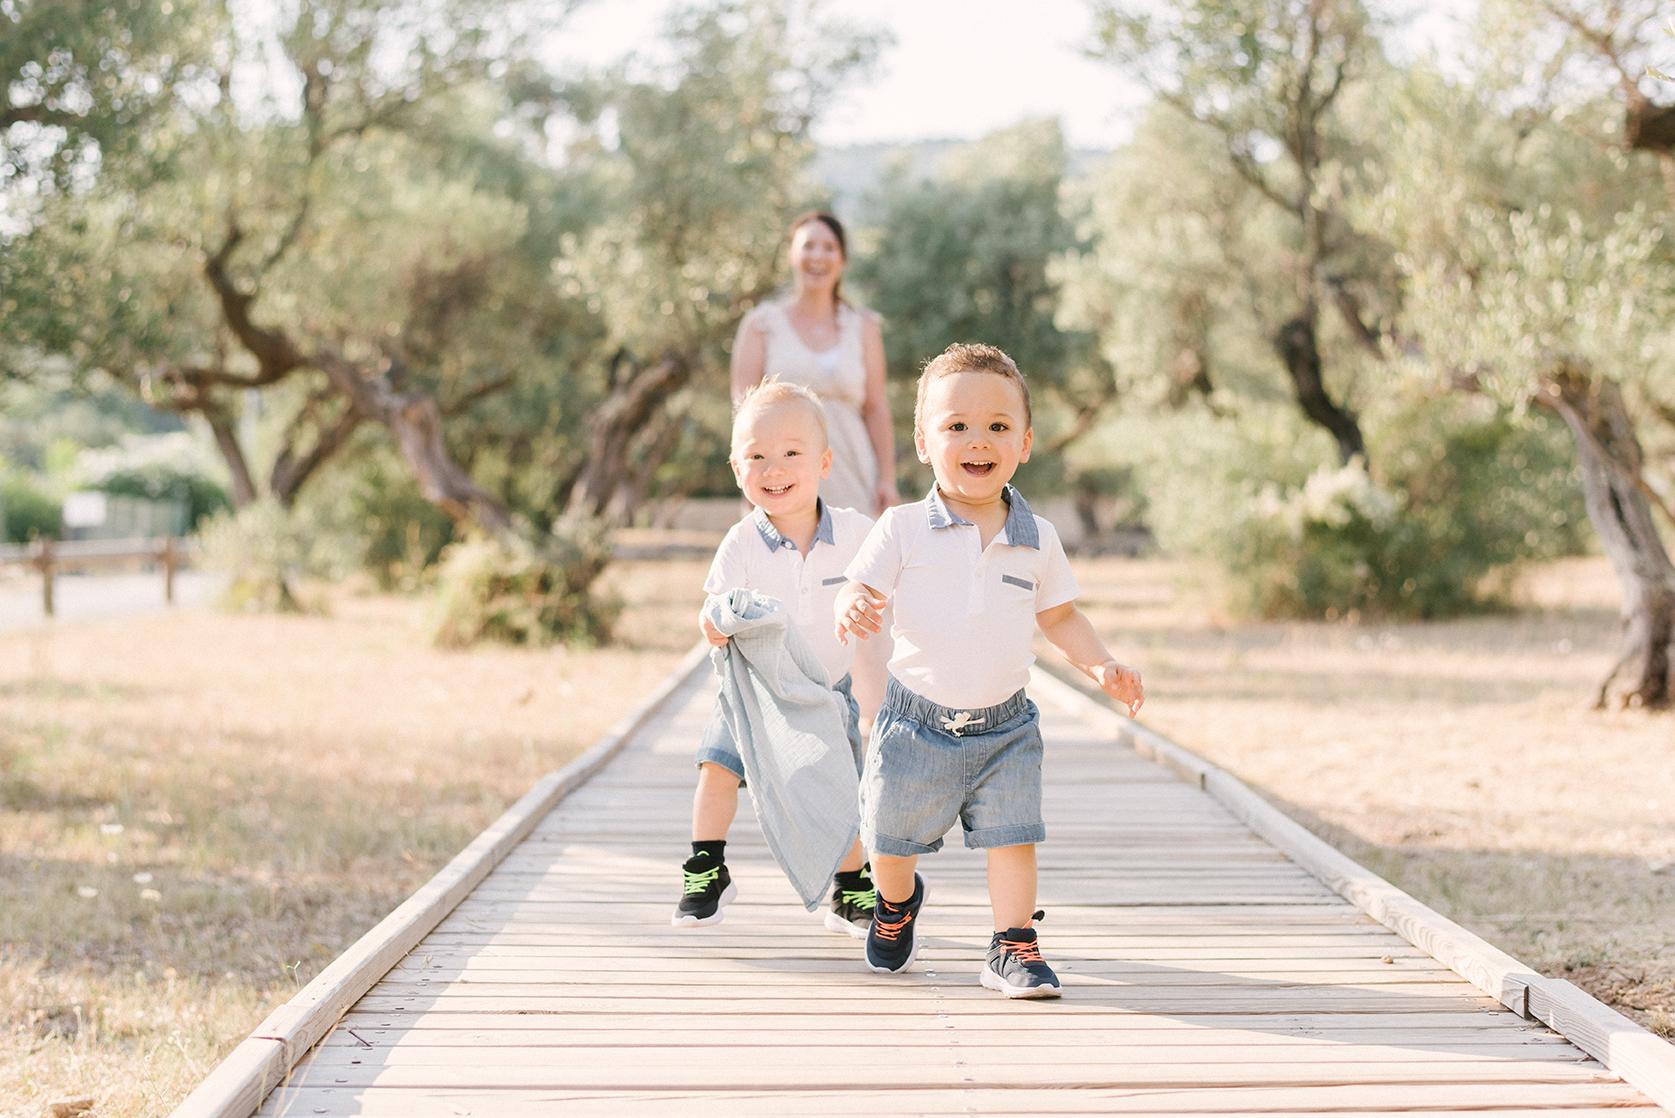 Séance Maman Bébé portraits famille Var Photographe Toulon Photographe Solliès-pont